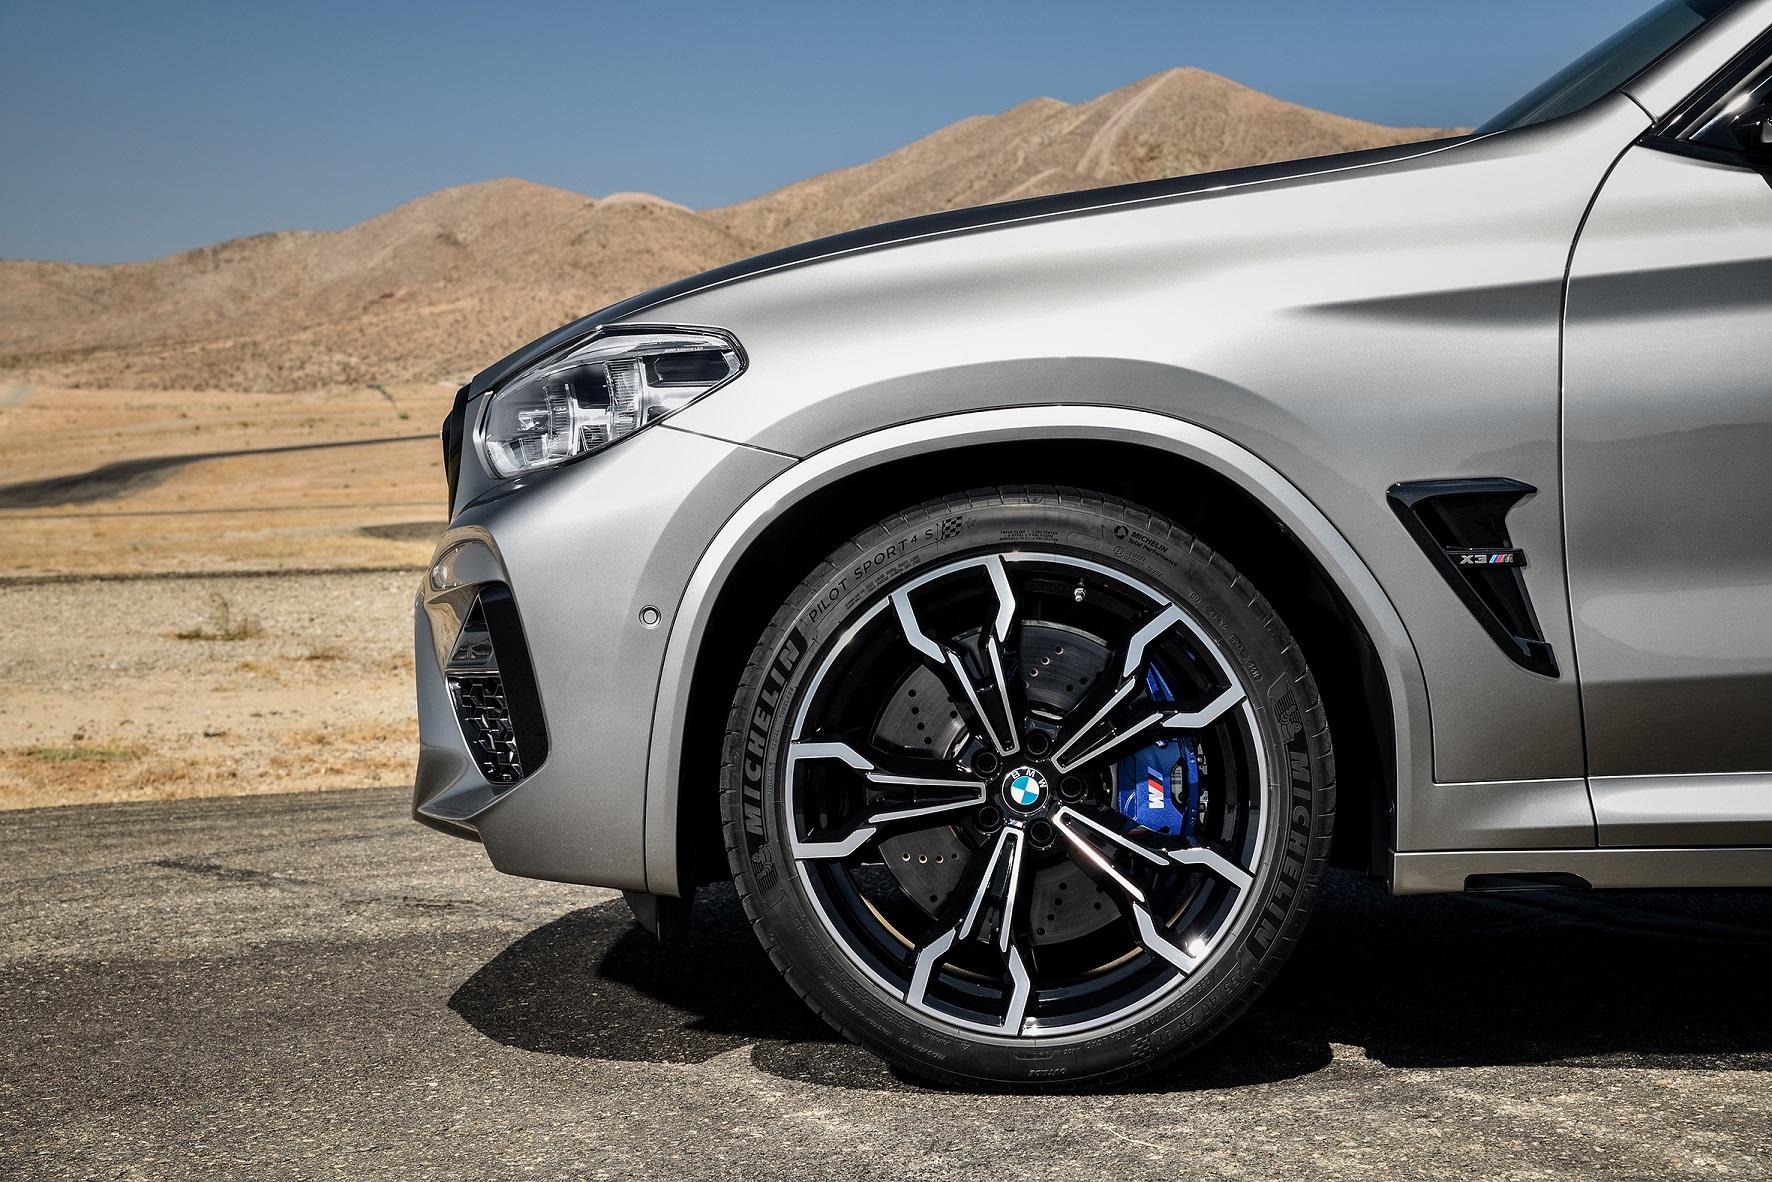 Michelin Pilot Sport 4S na wyposażeniu BMW X3 M oraz X4 M